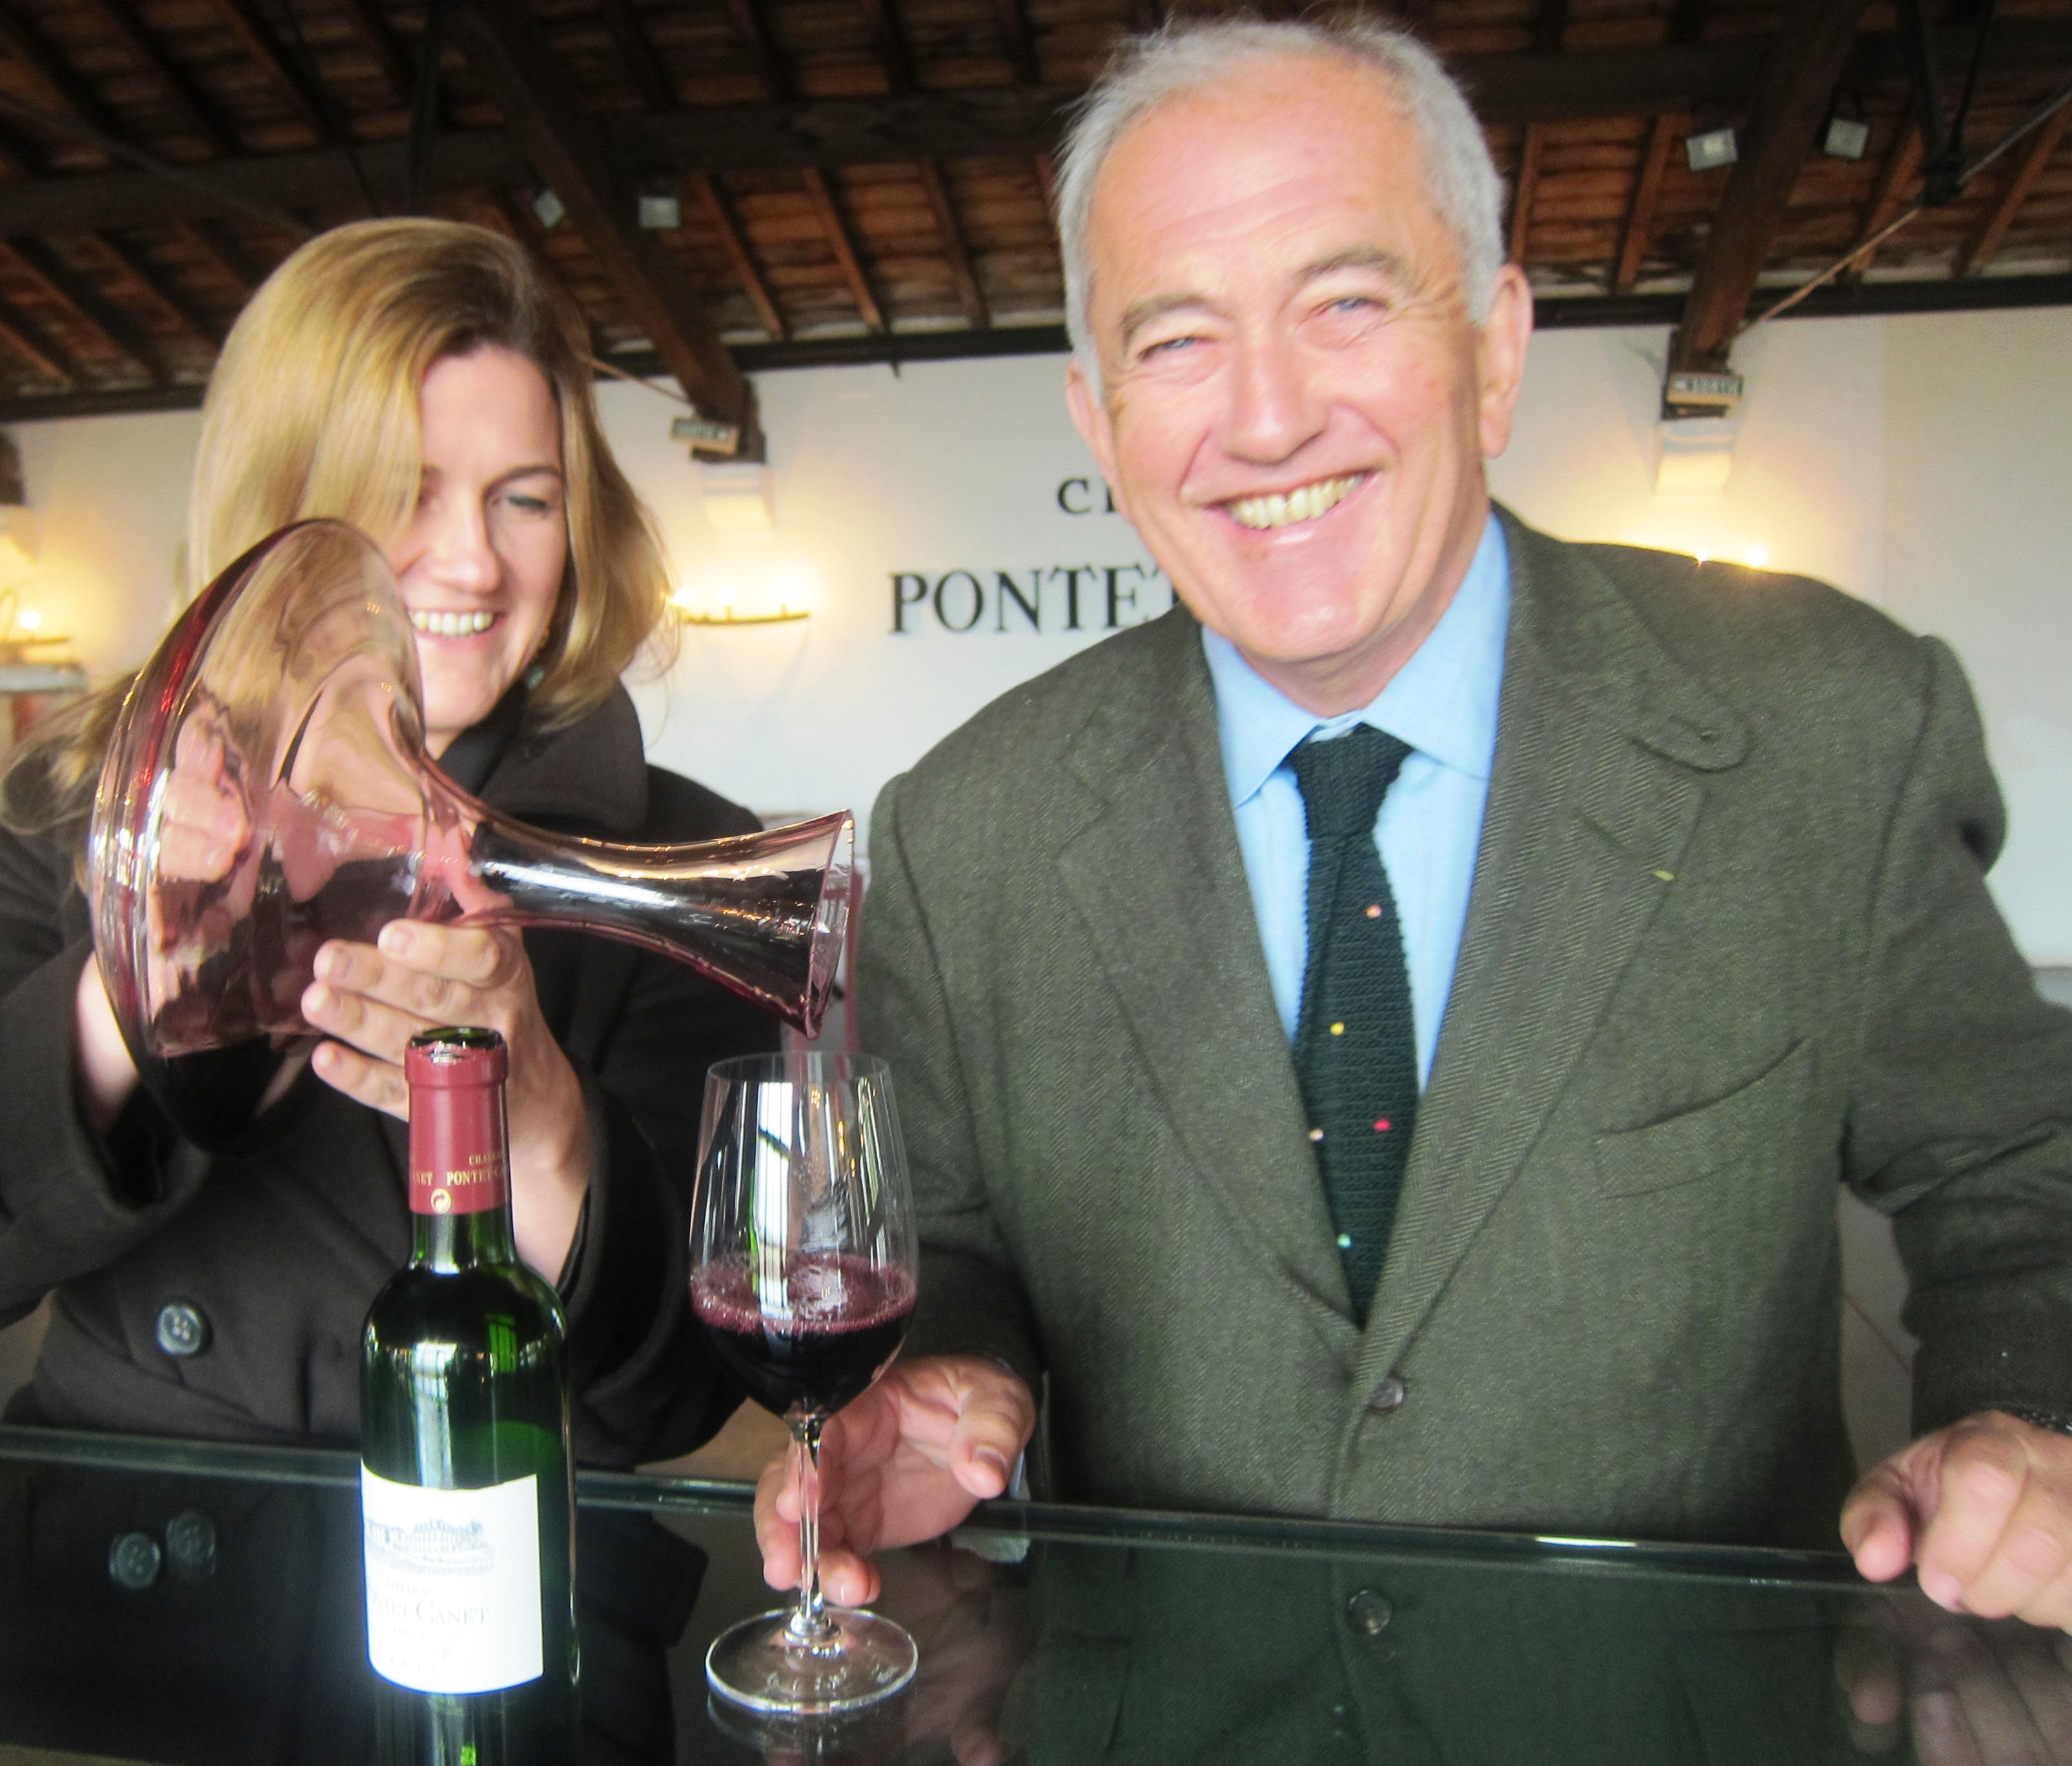 Pontet Canet Alfred Tesseron Melanie Tesseron 2010 Bordeaux wine